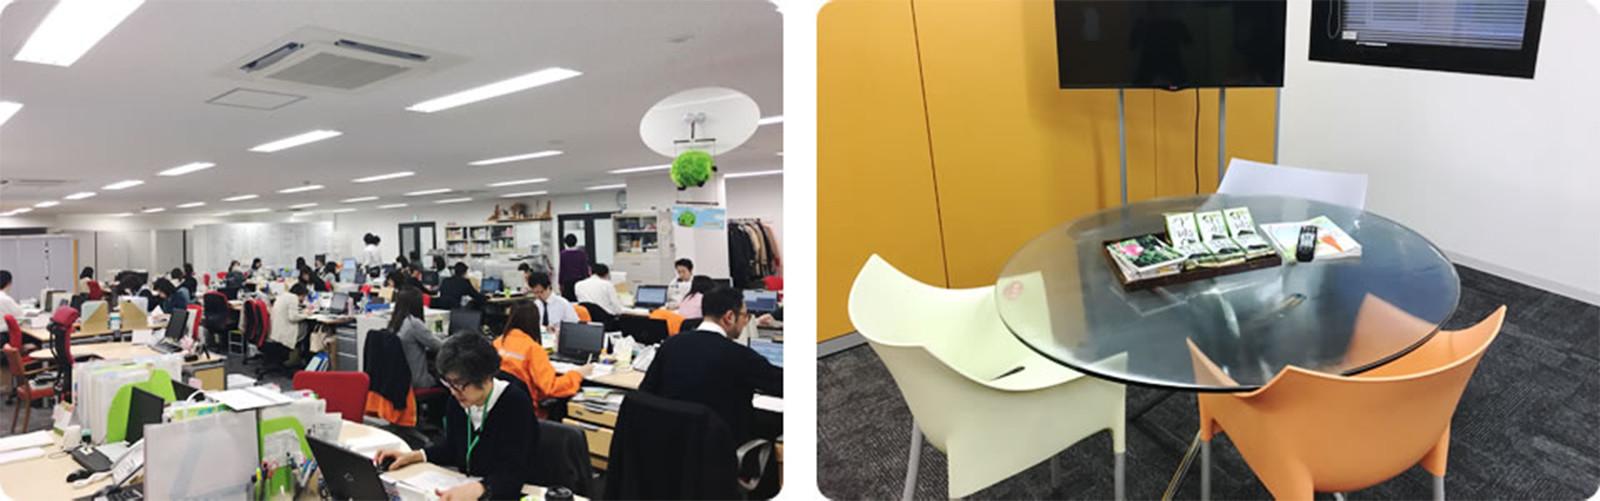 オフィス(業務スペース・スタッフ用休憩室)